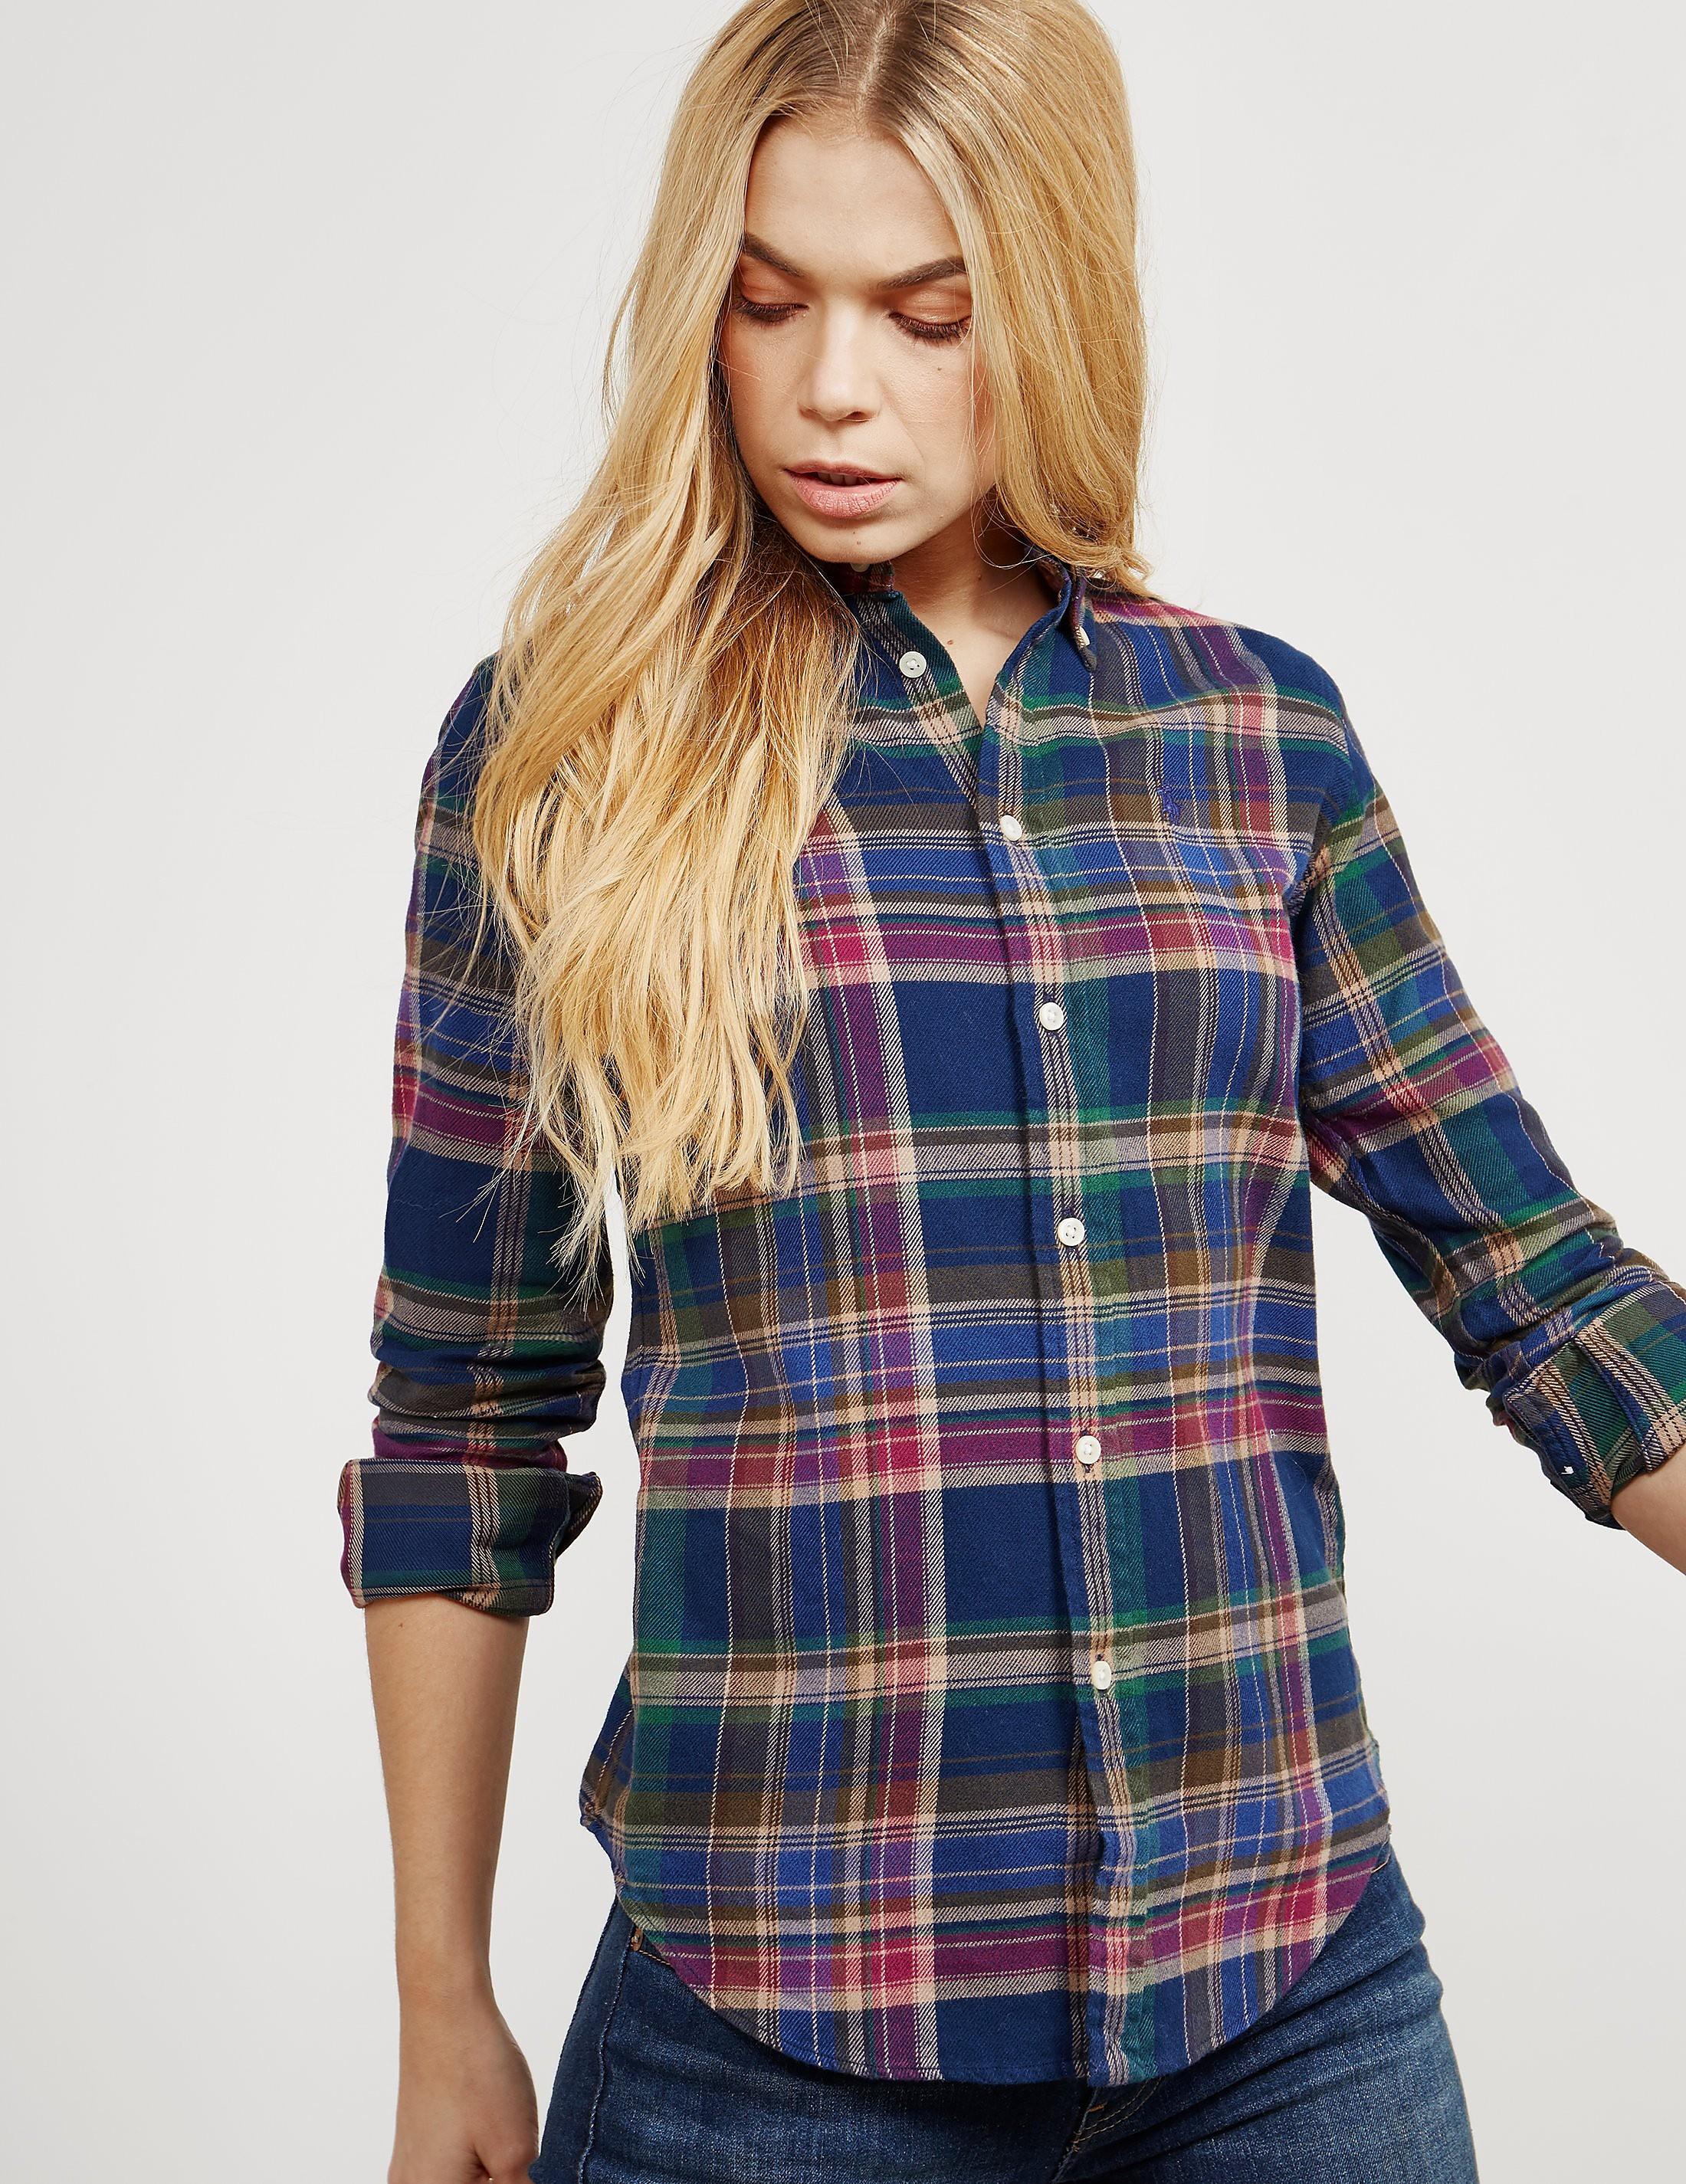 Polo Ralph Lauren Georgia Plaid Long Sleeve Shirt